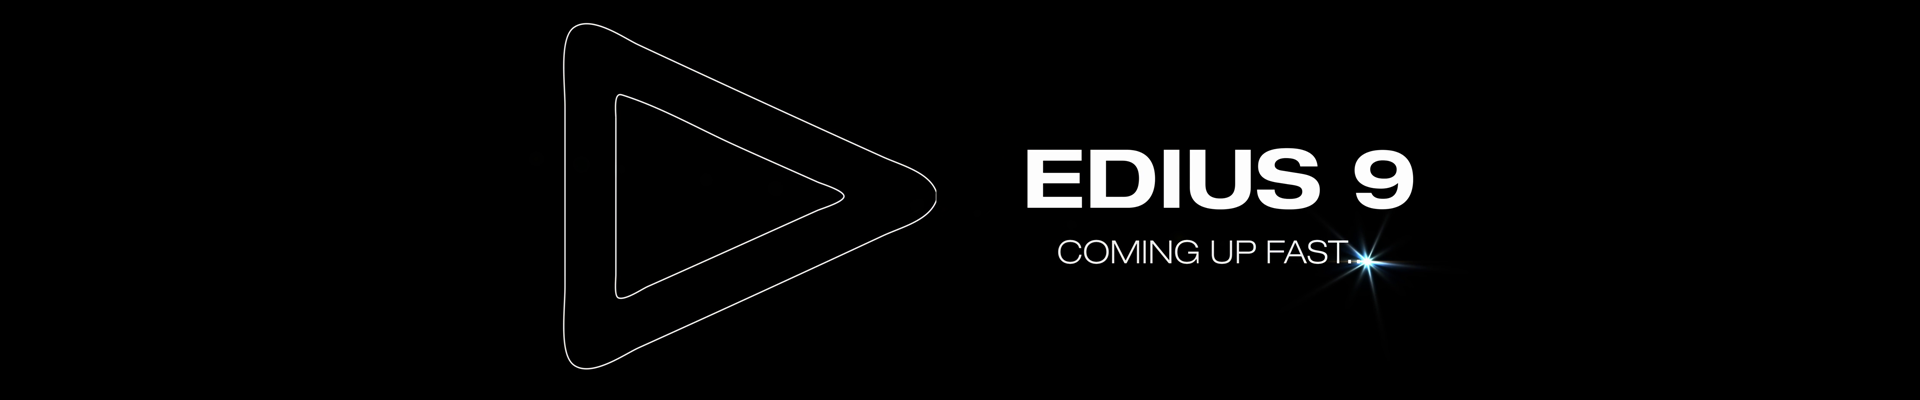 Edius-9